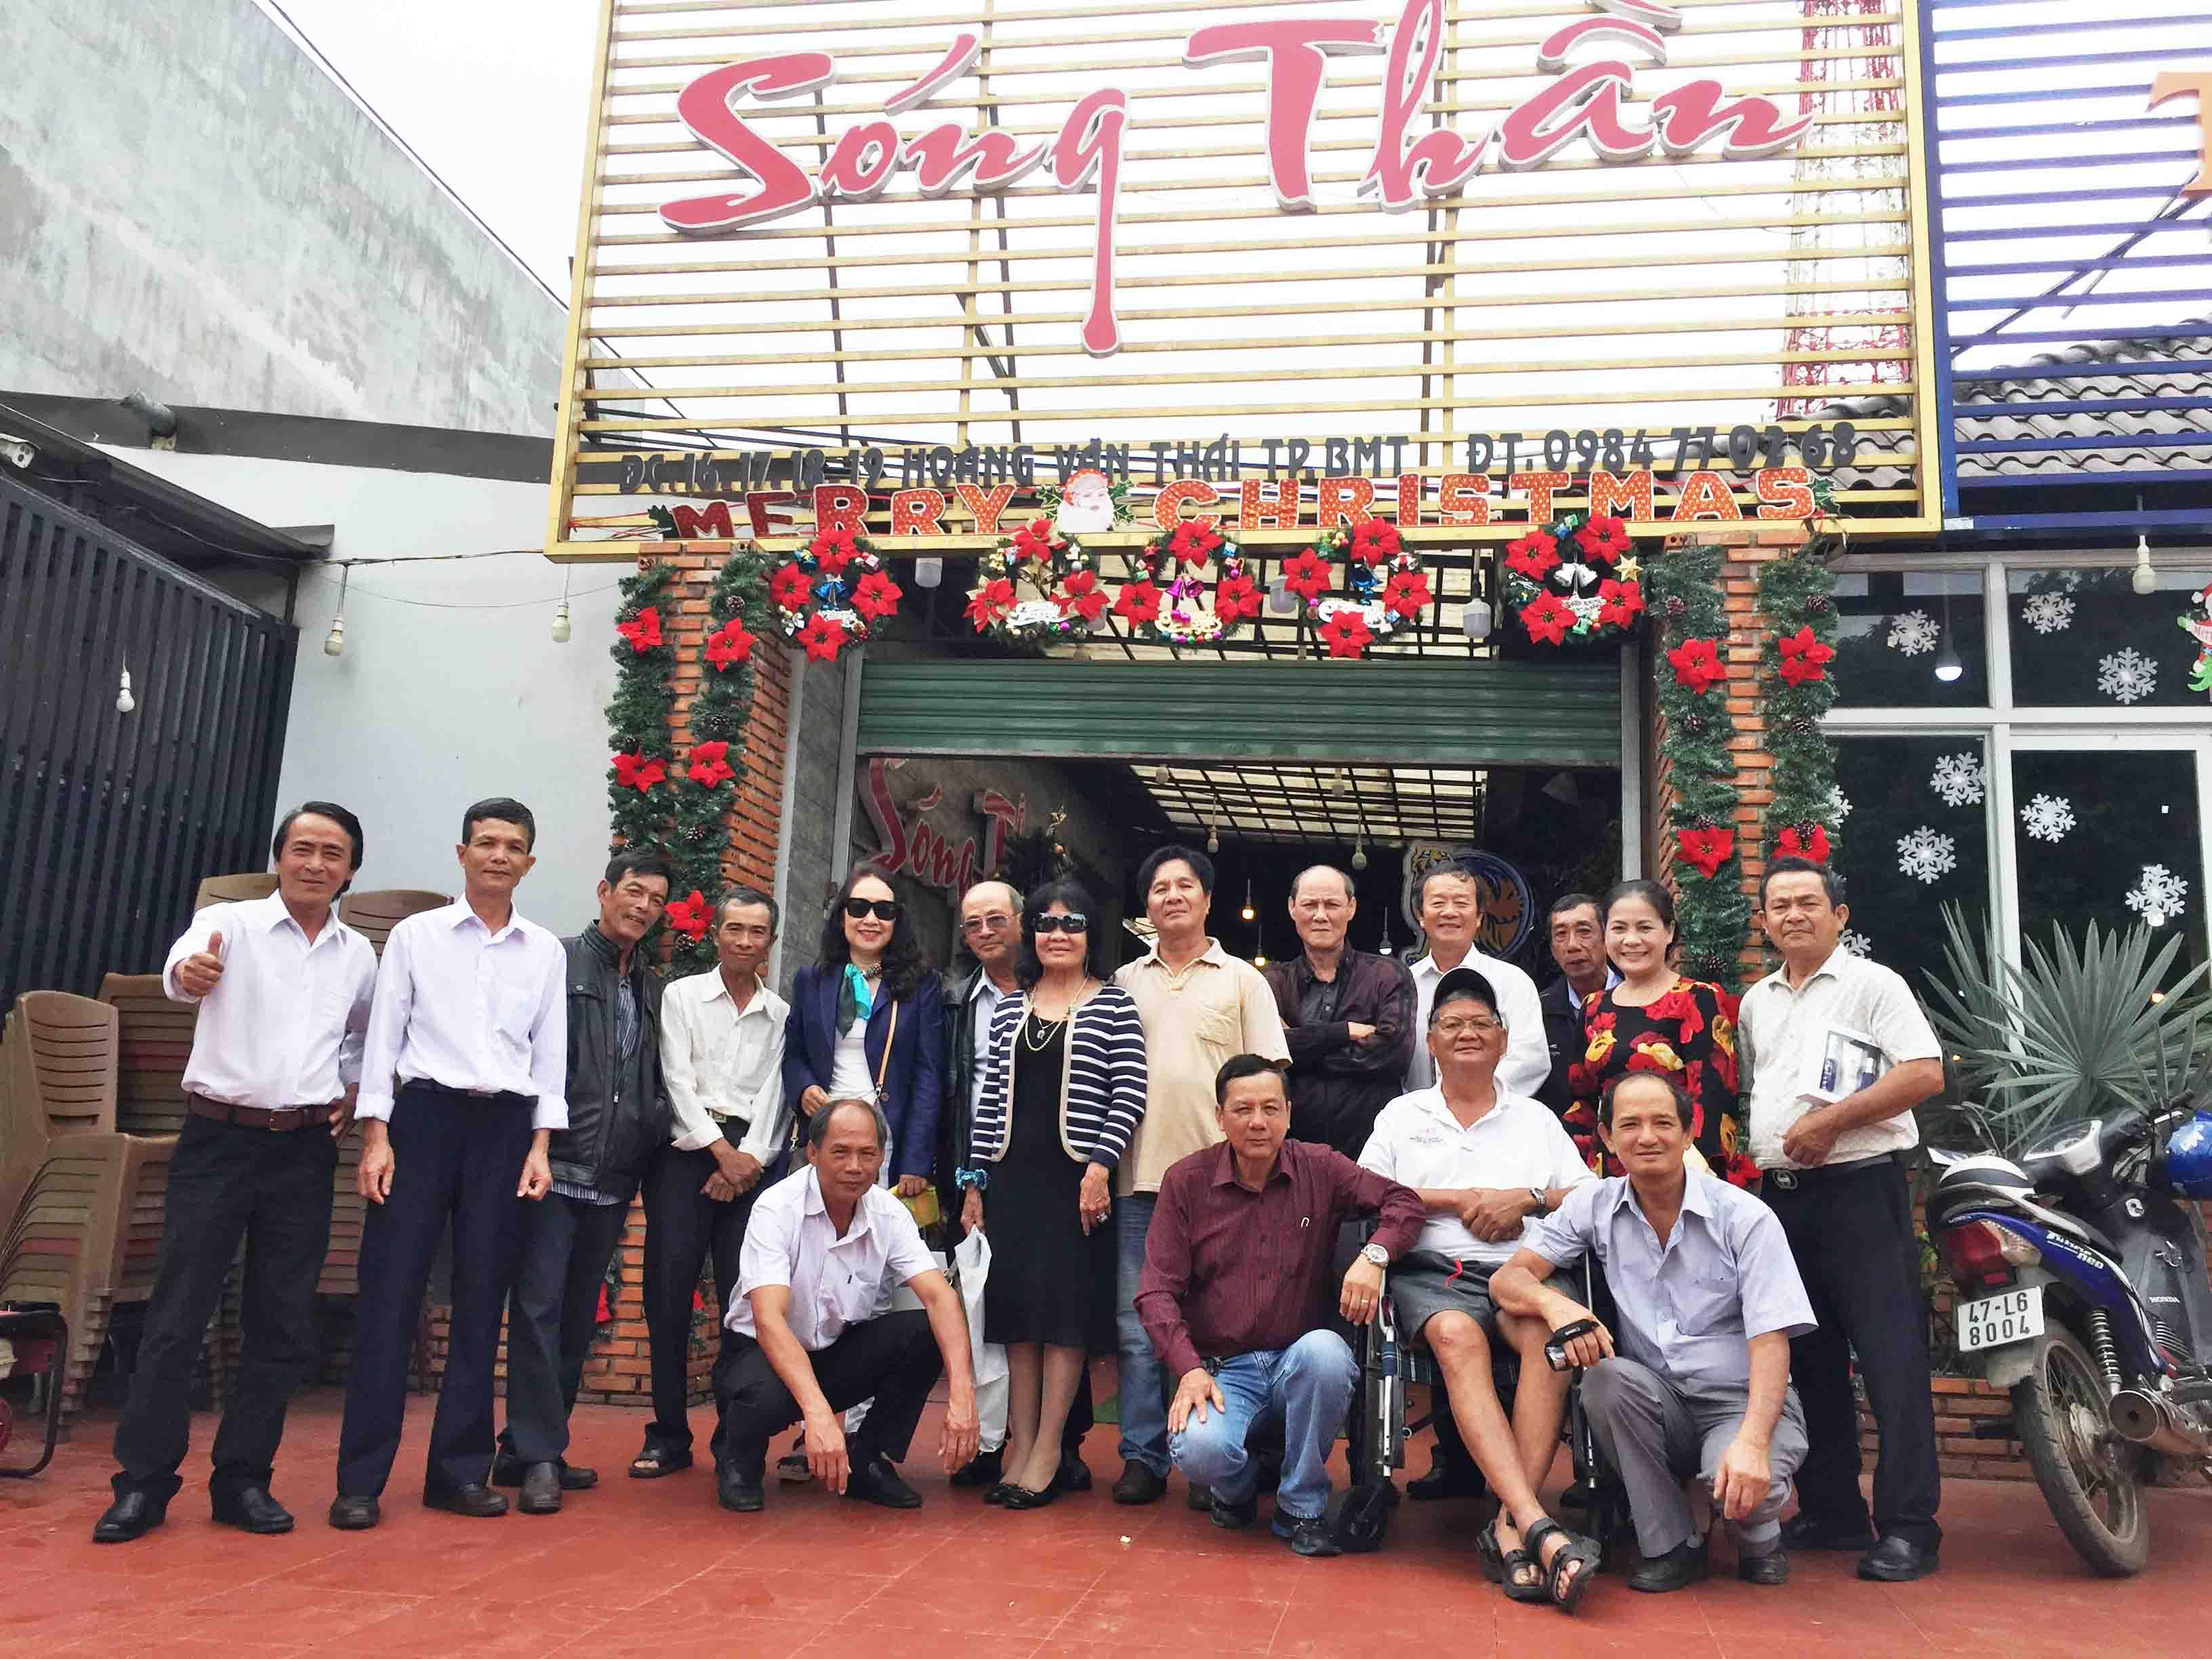 VIDEO CÔ CƠ VỀ BAN MÊ THĂM LẠI HỌC TRÒ CŨ LA SAN - Phạm Văn Cường thực hiện